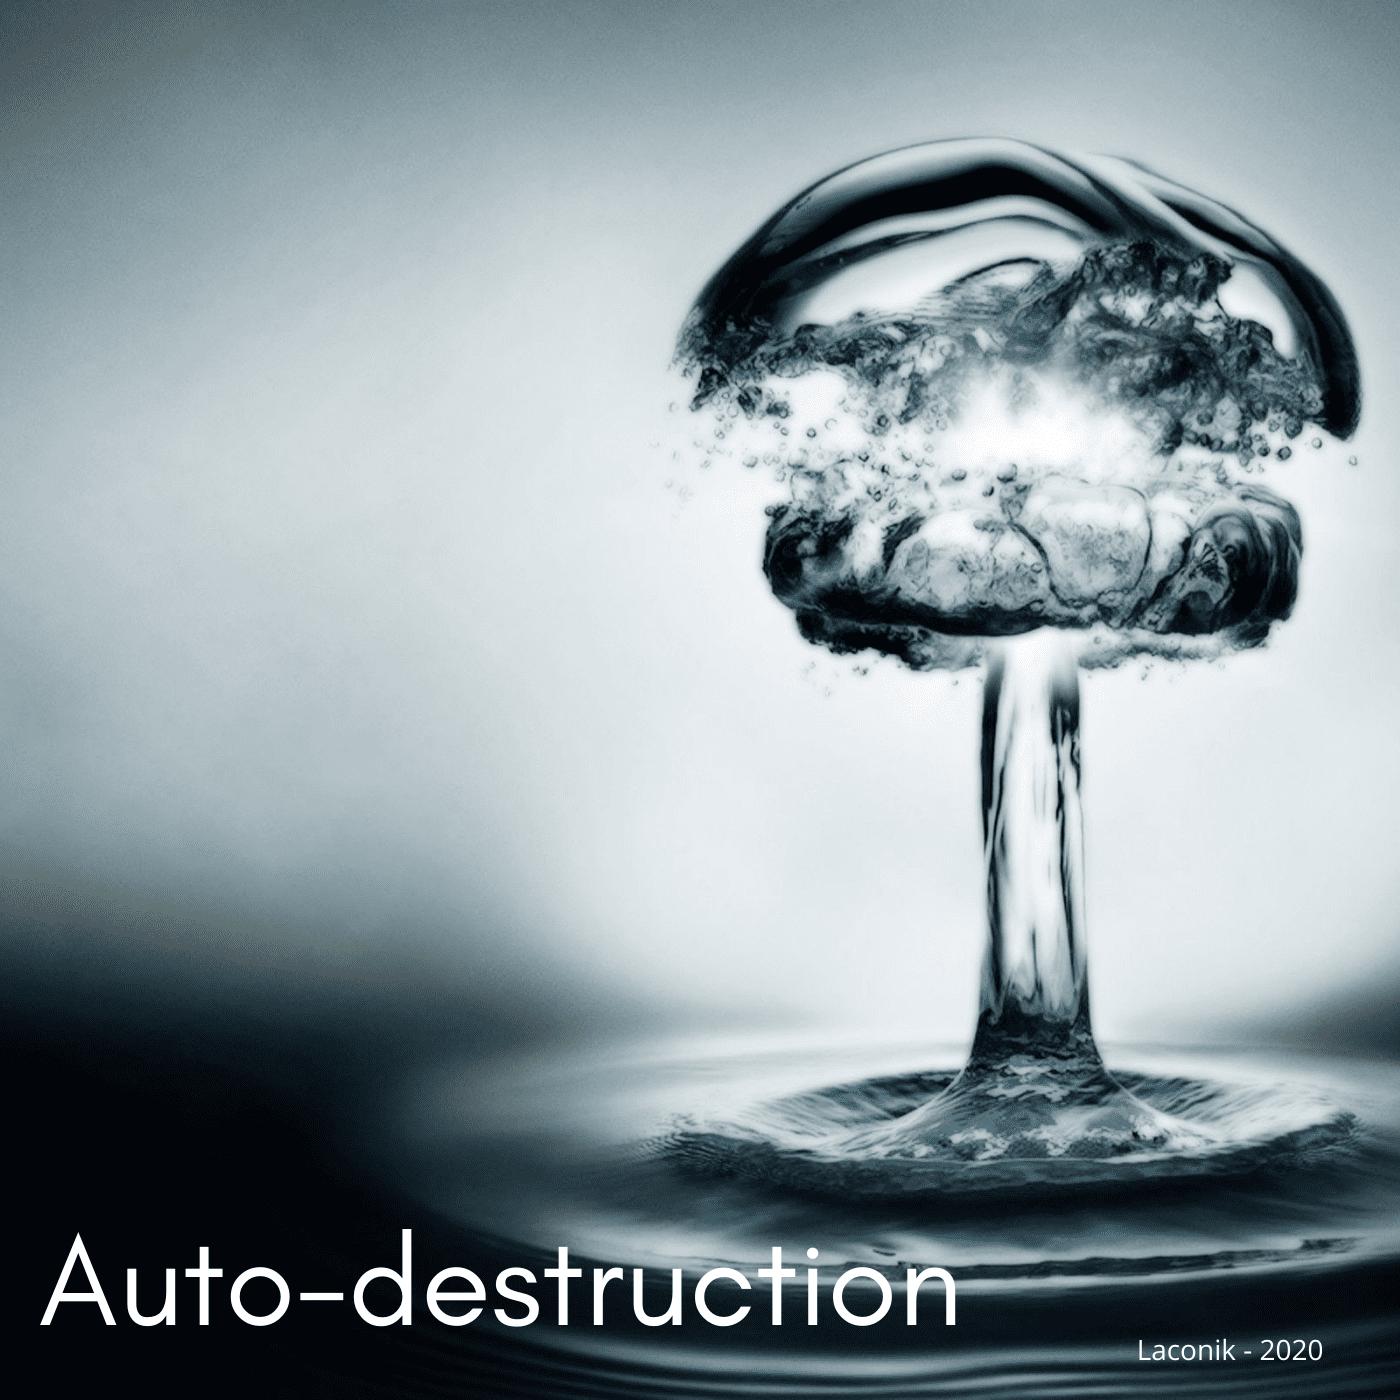 Auto-destruction